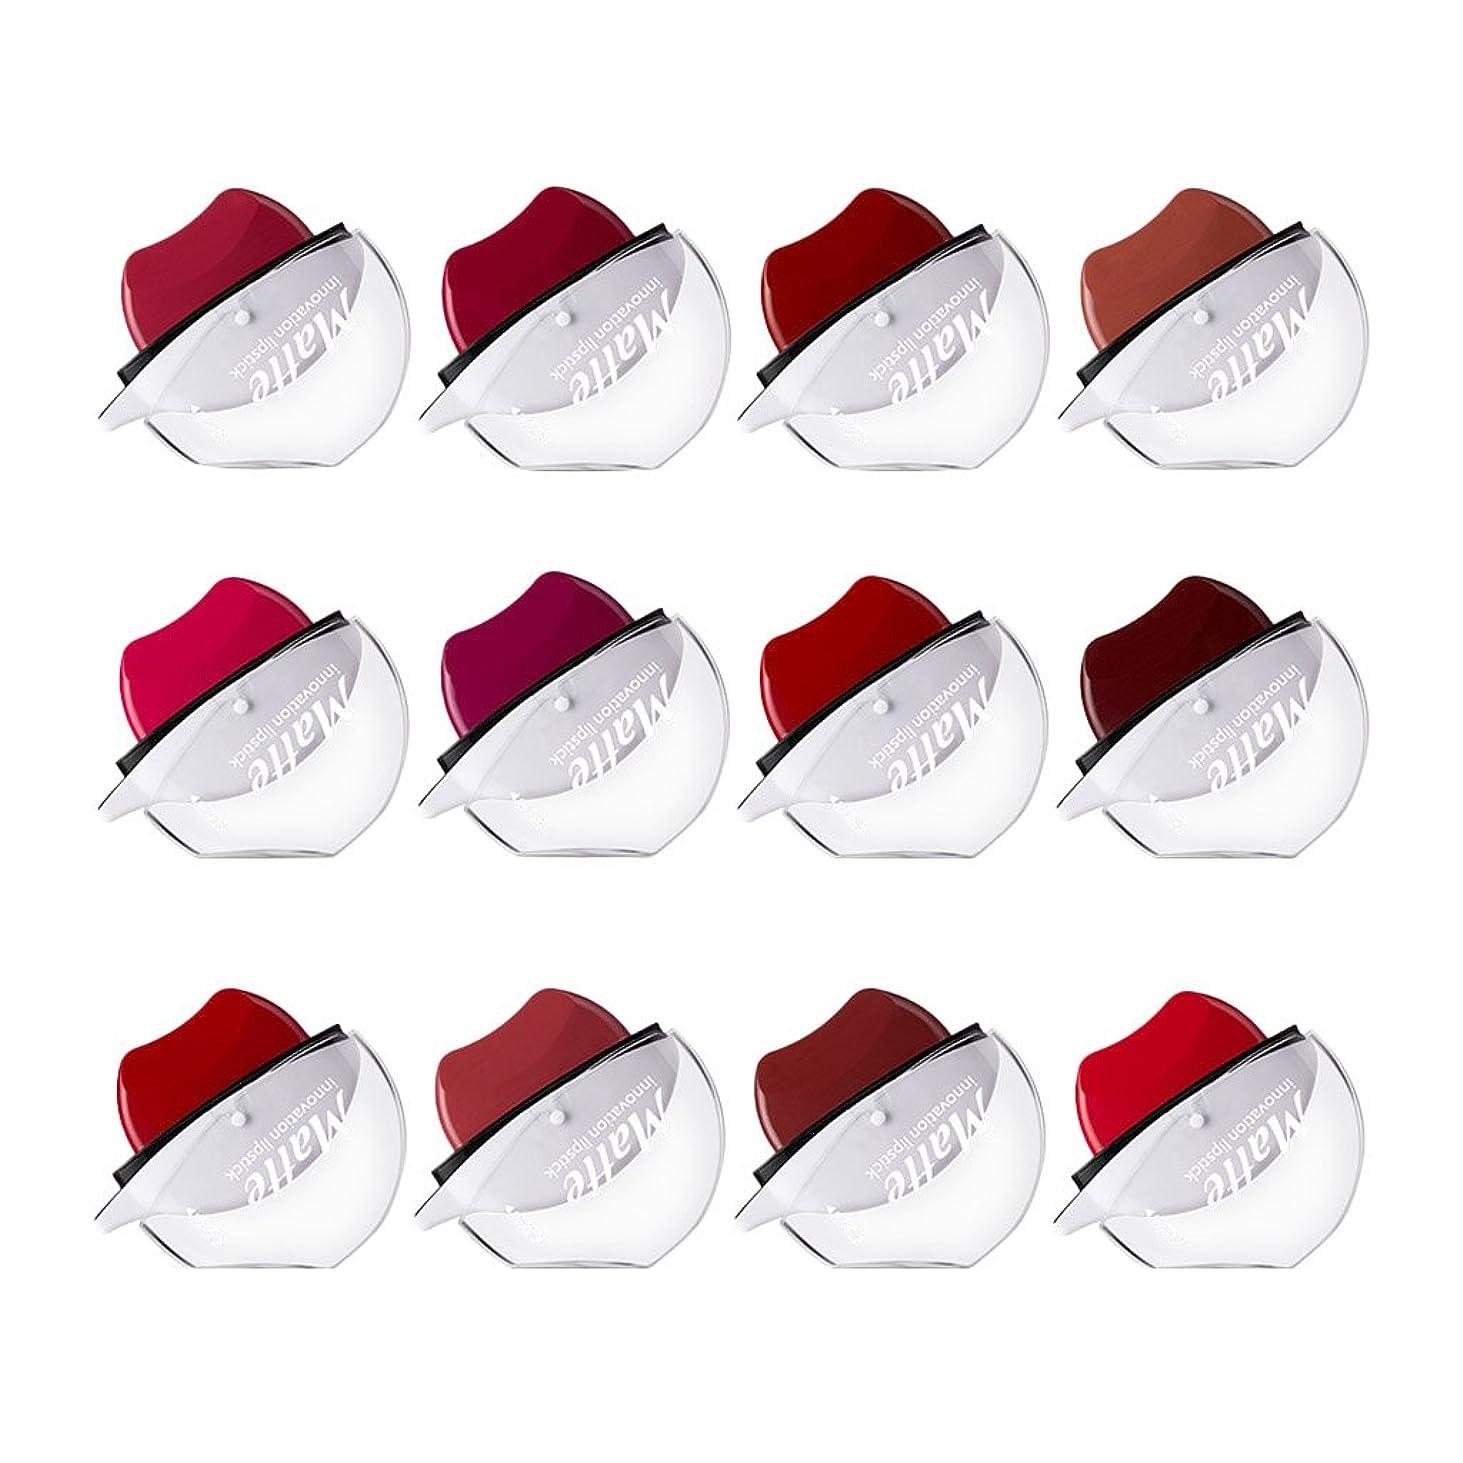 勃起市の中心部報いるFenteer 約12個 口紅 リップクリーム リップグロス 超便利 3秒と仕上げ 防水 マット 化粧初心者 プレゼント